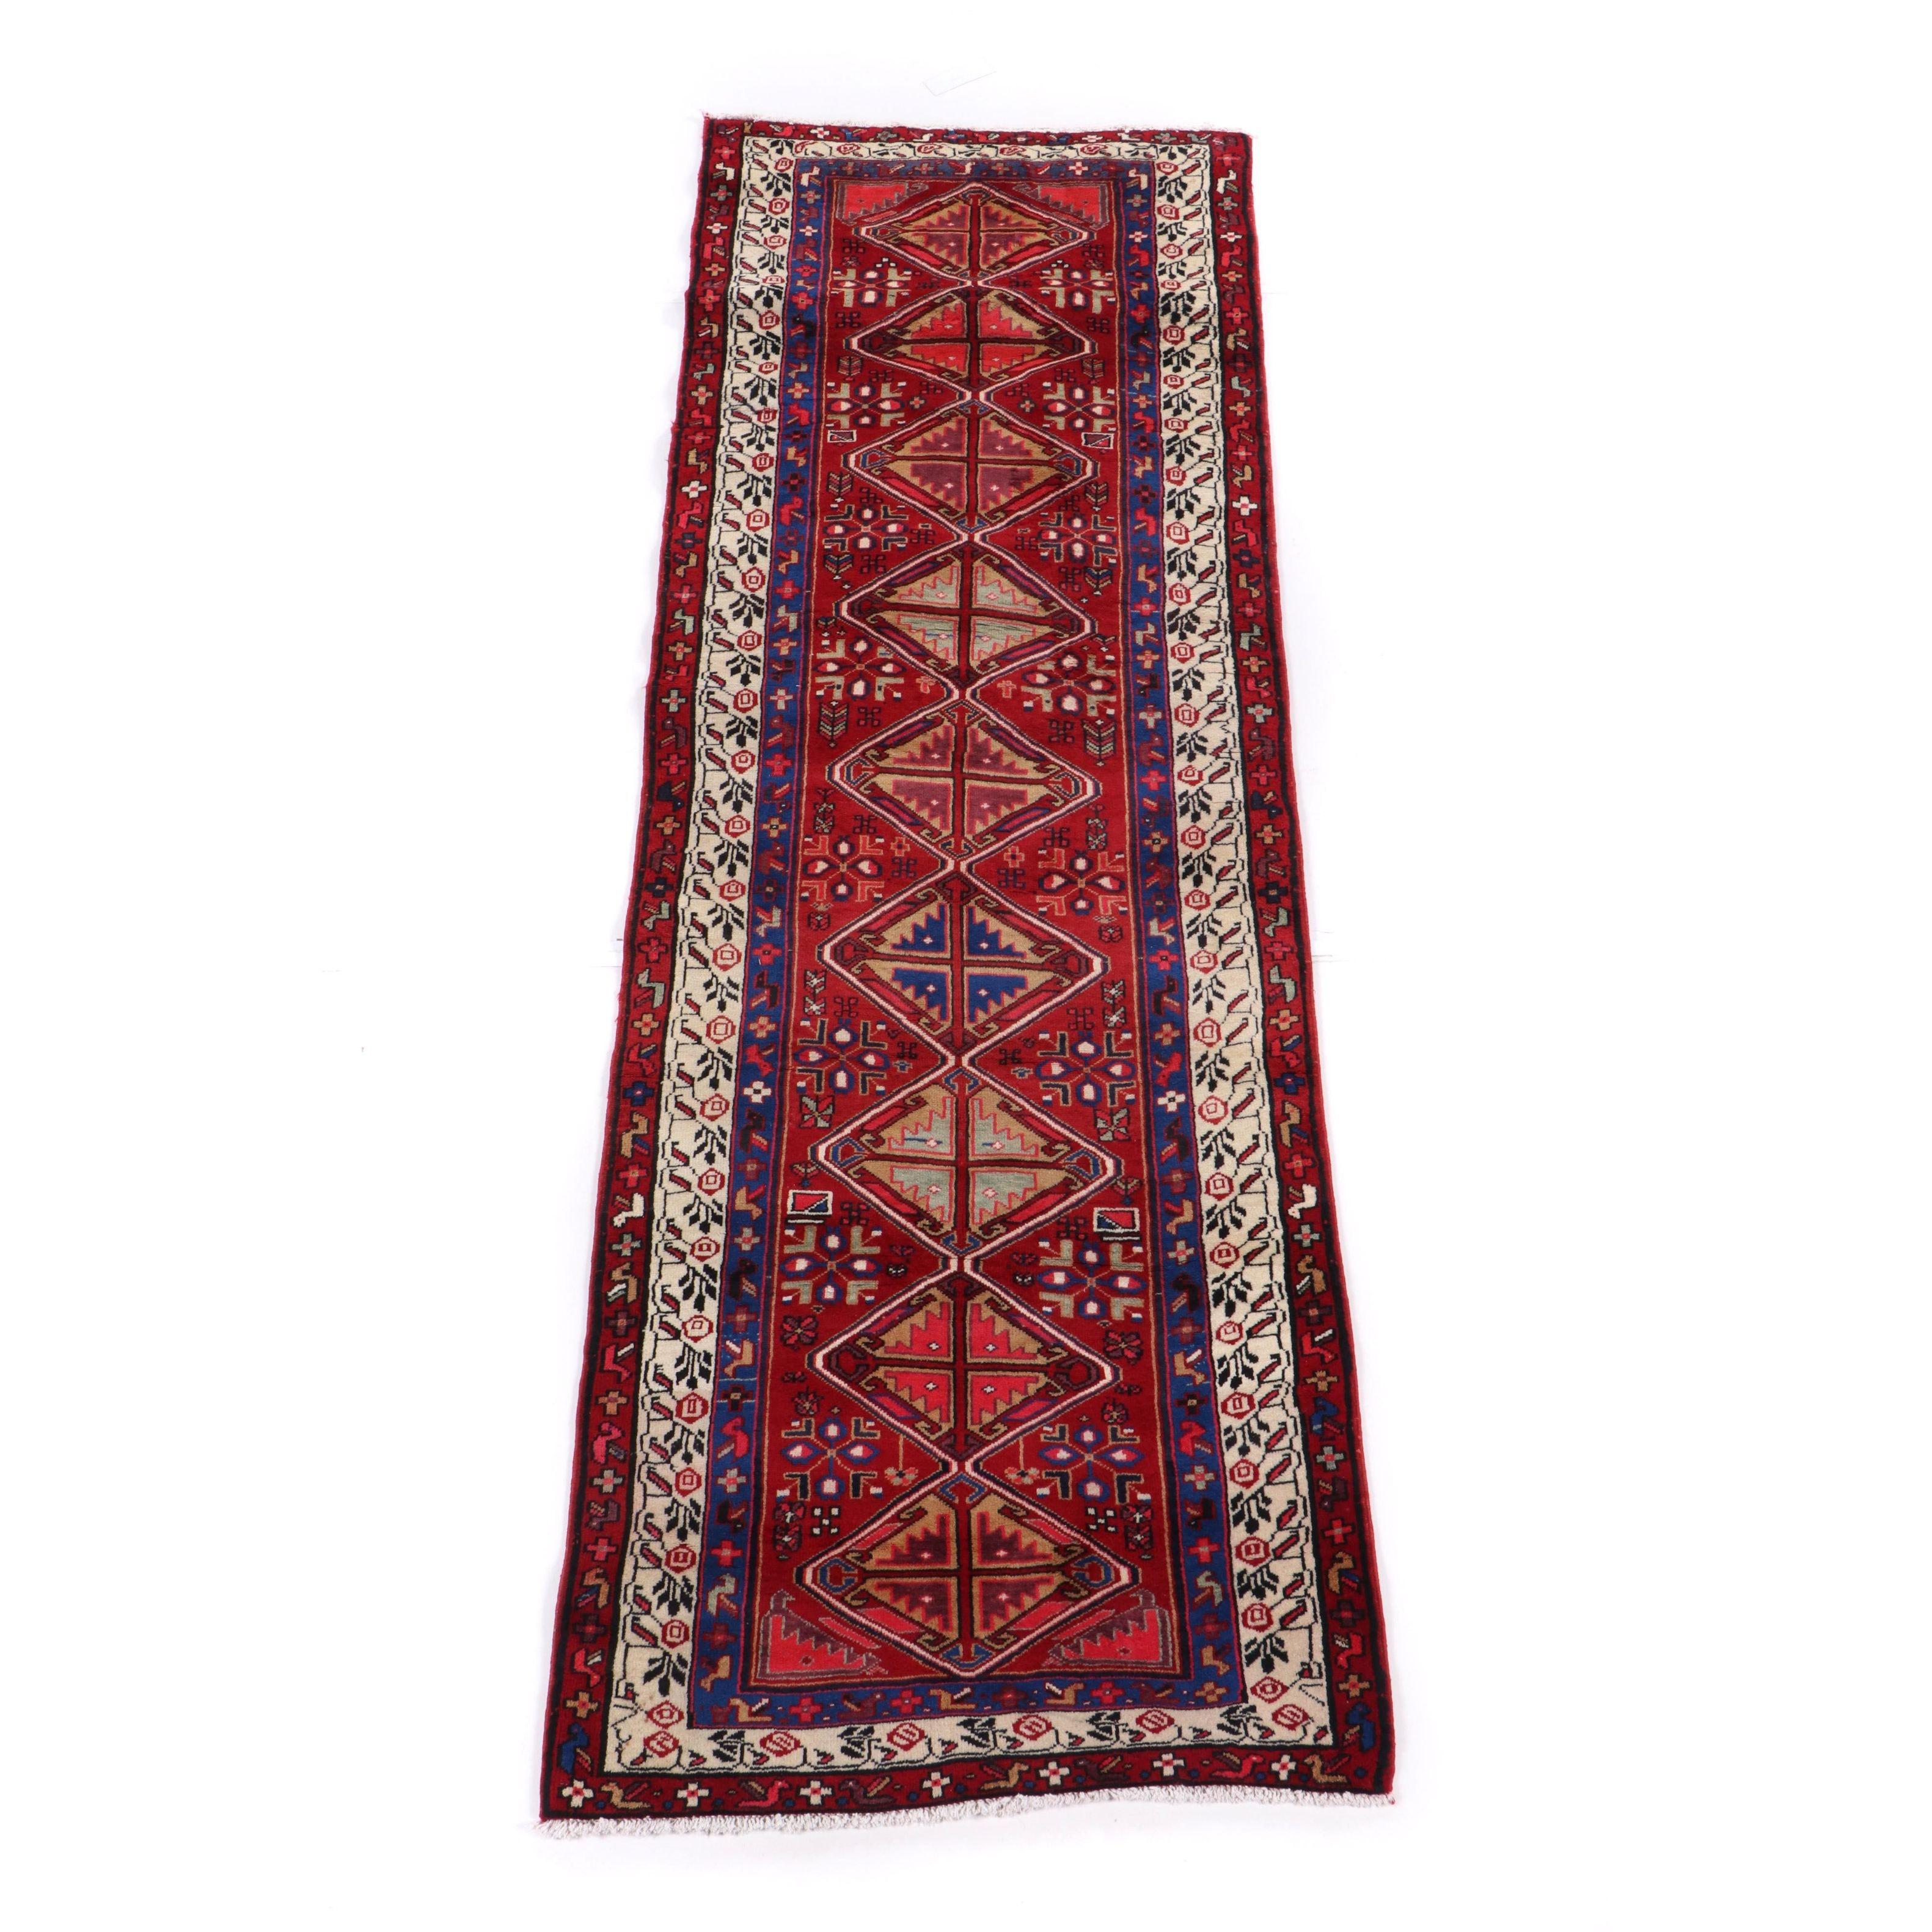 Hand-Knotted Northwest Persian Kurdish Wool Runner